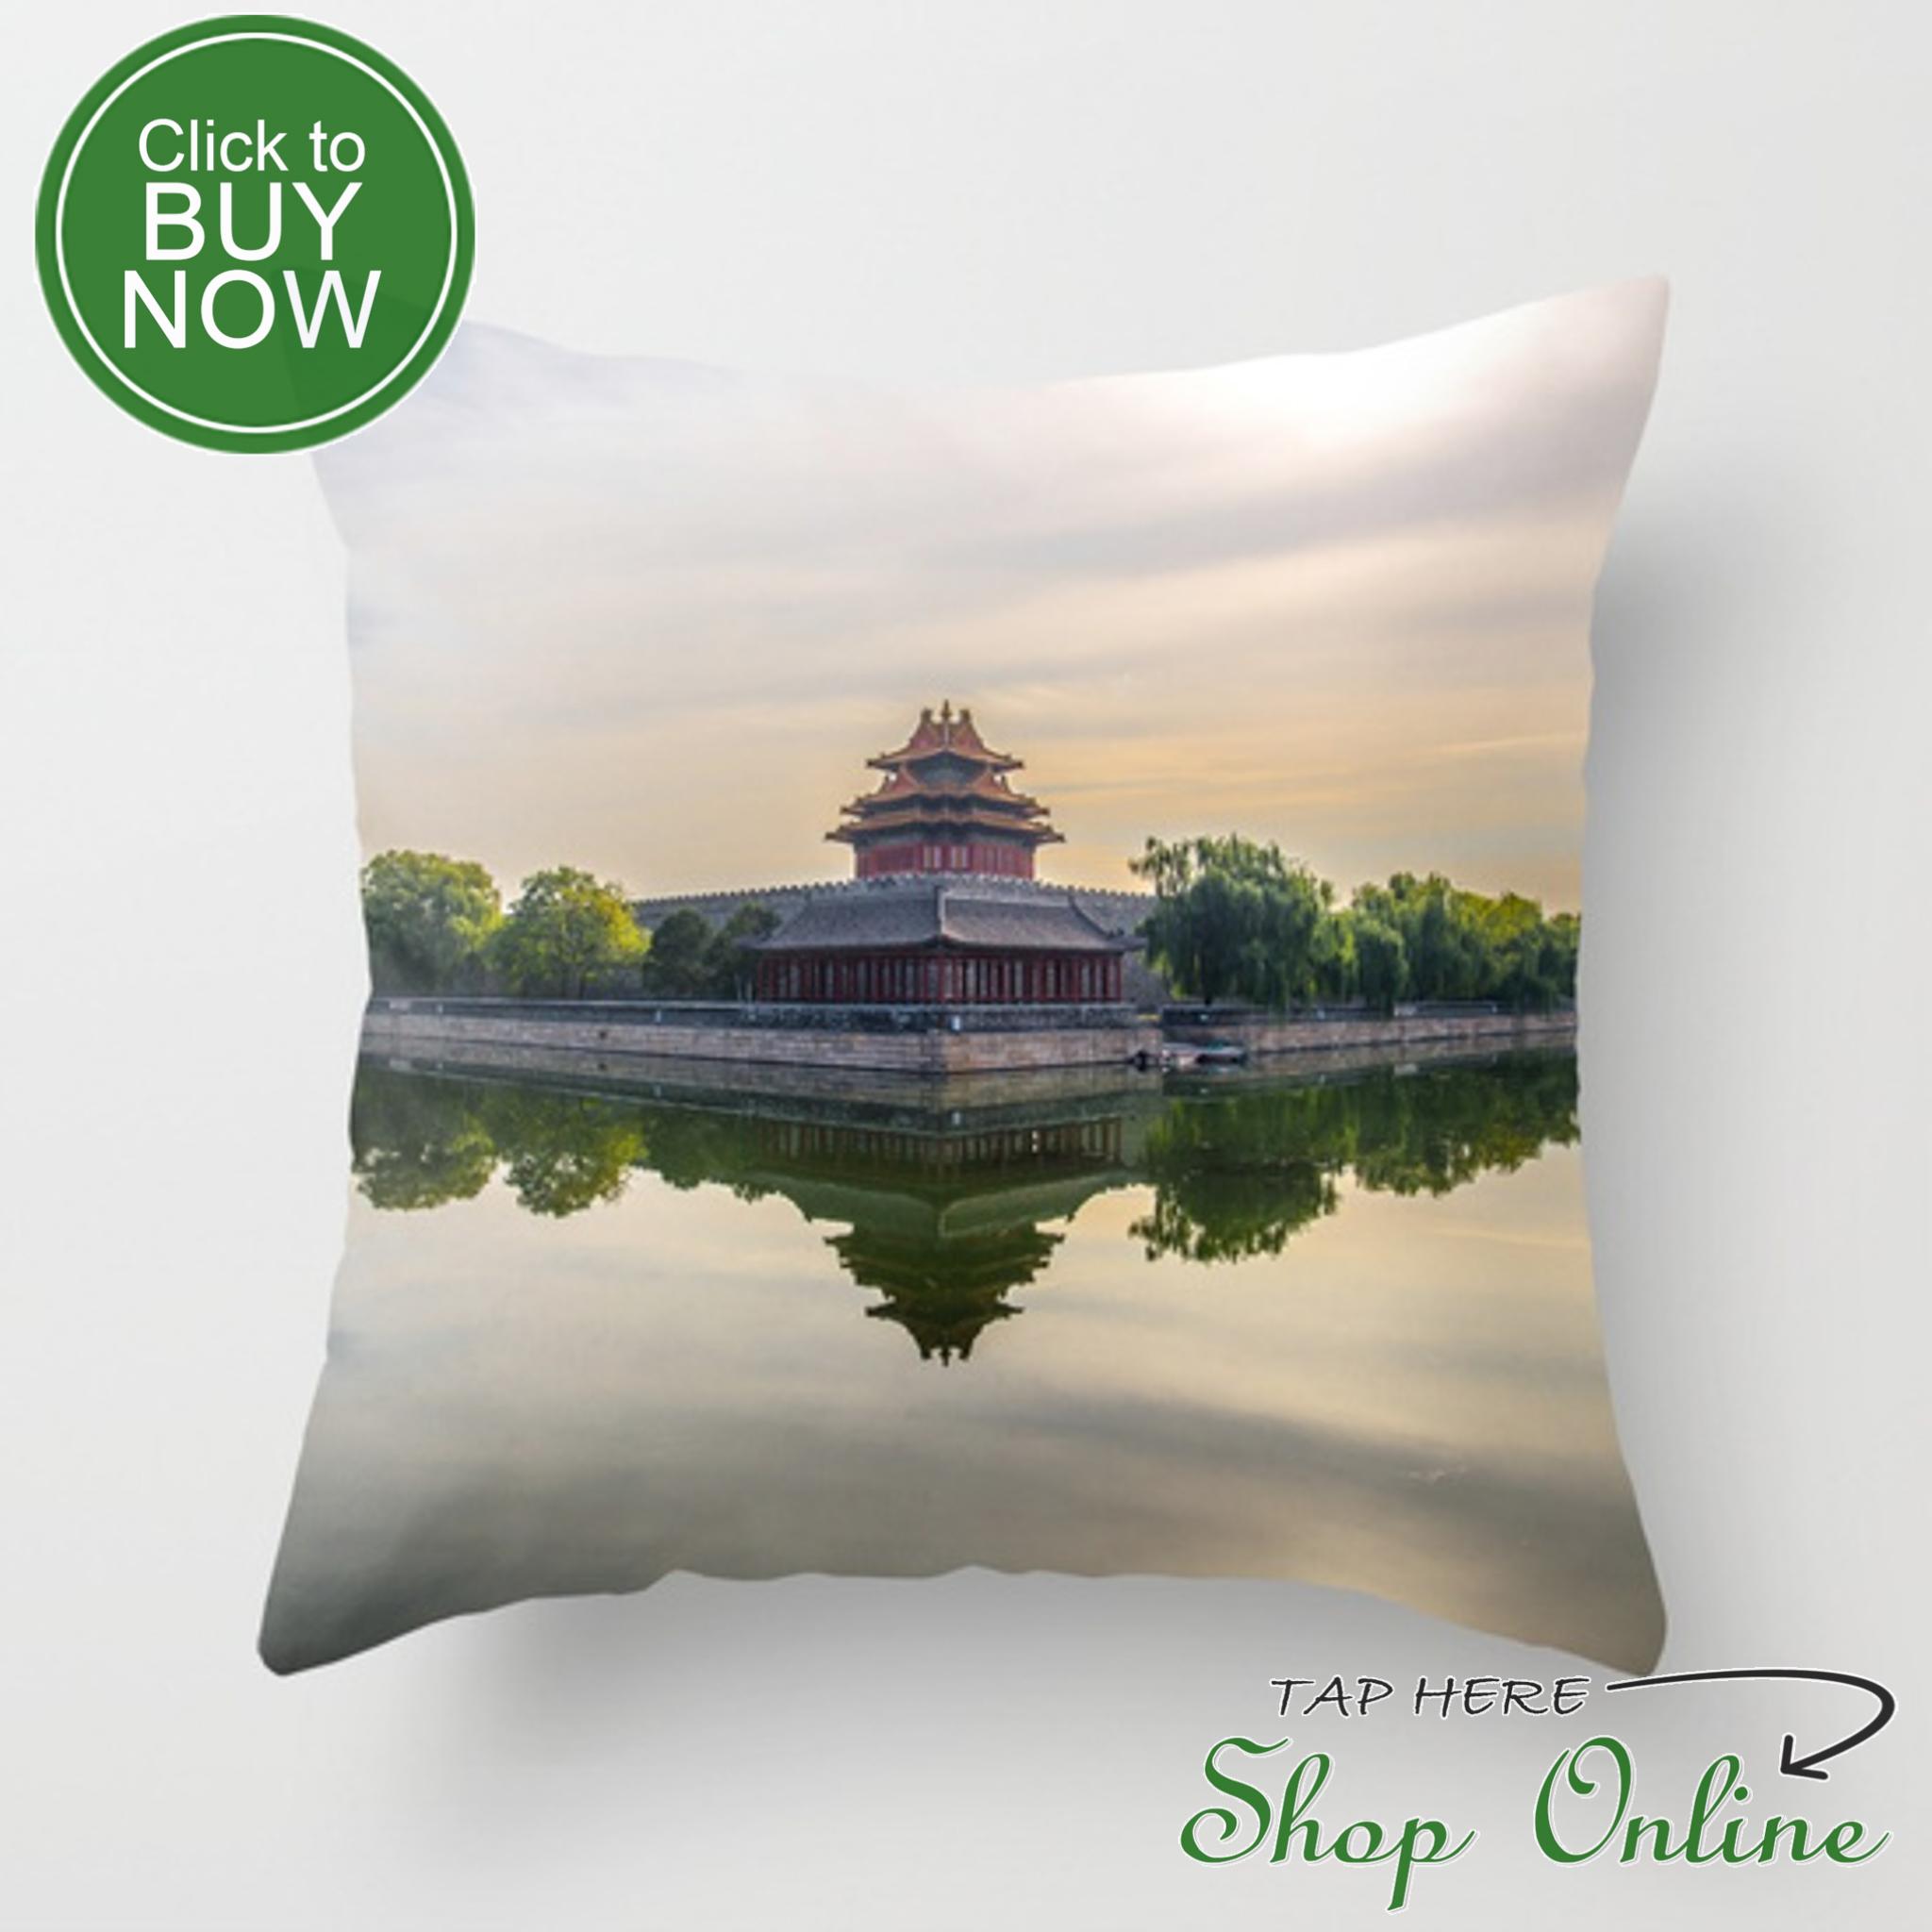 forbidden-city-moat-pillows (1).JPG